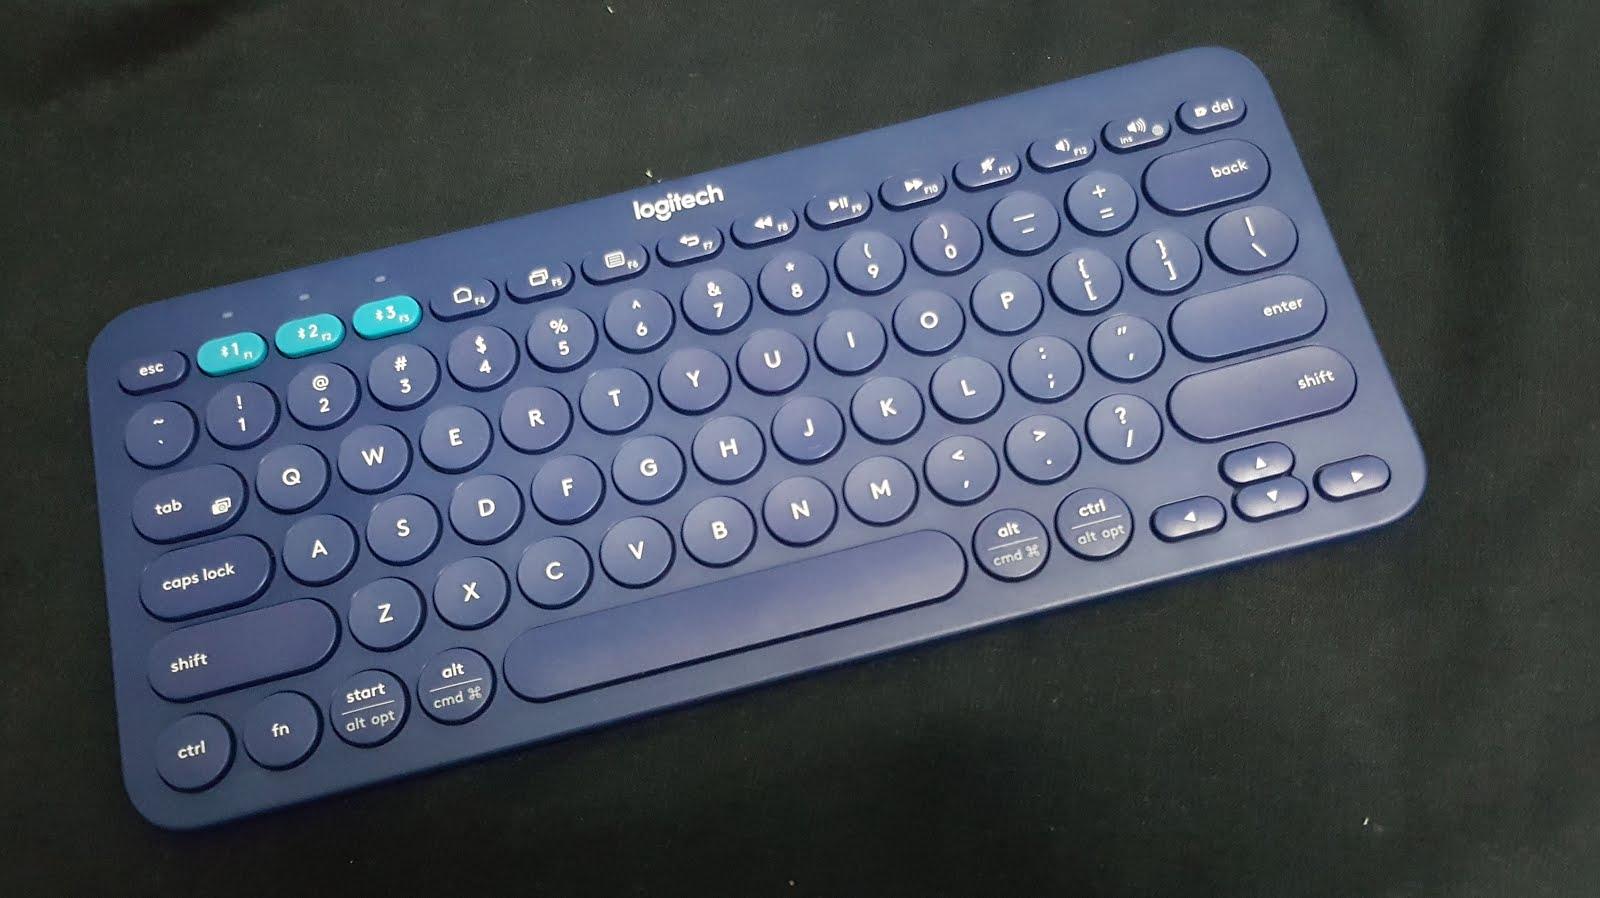 Logitech K380 Multi-Device Review | jeremy sg | jalormee